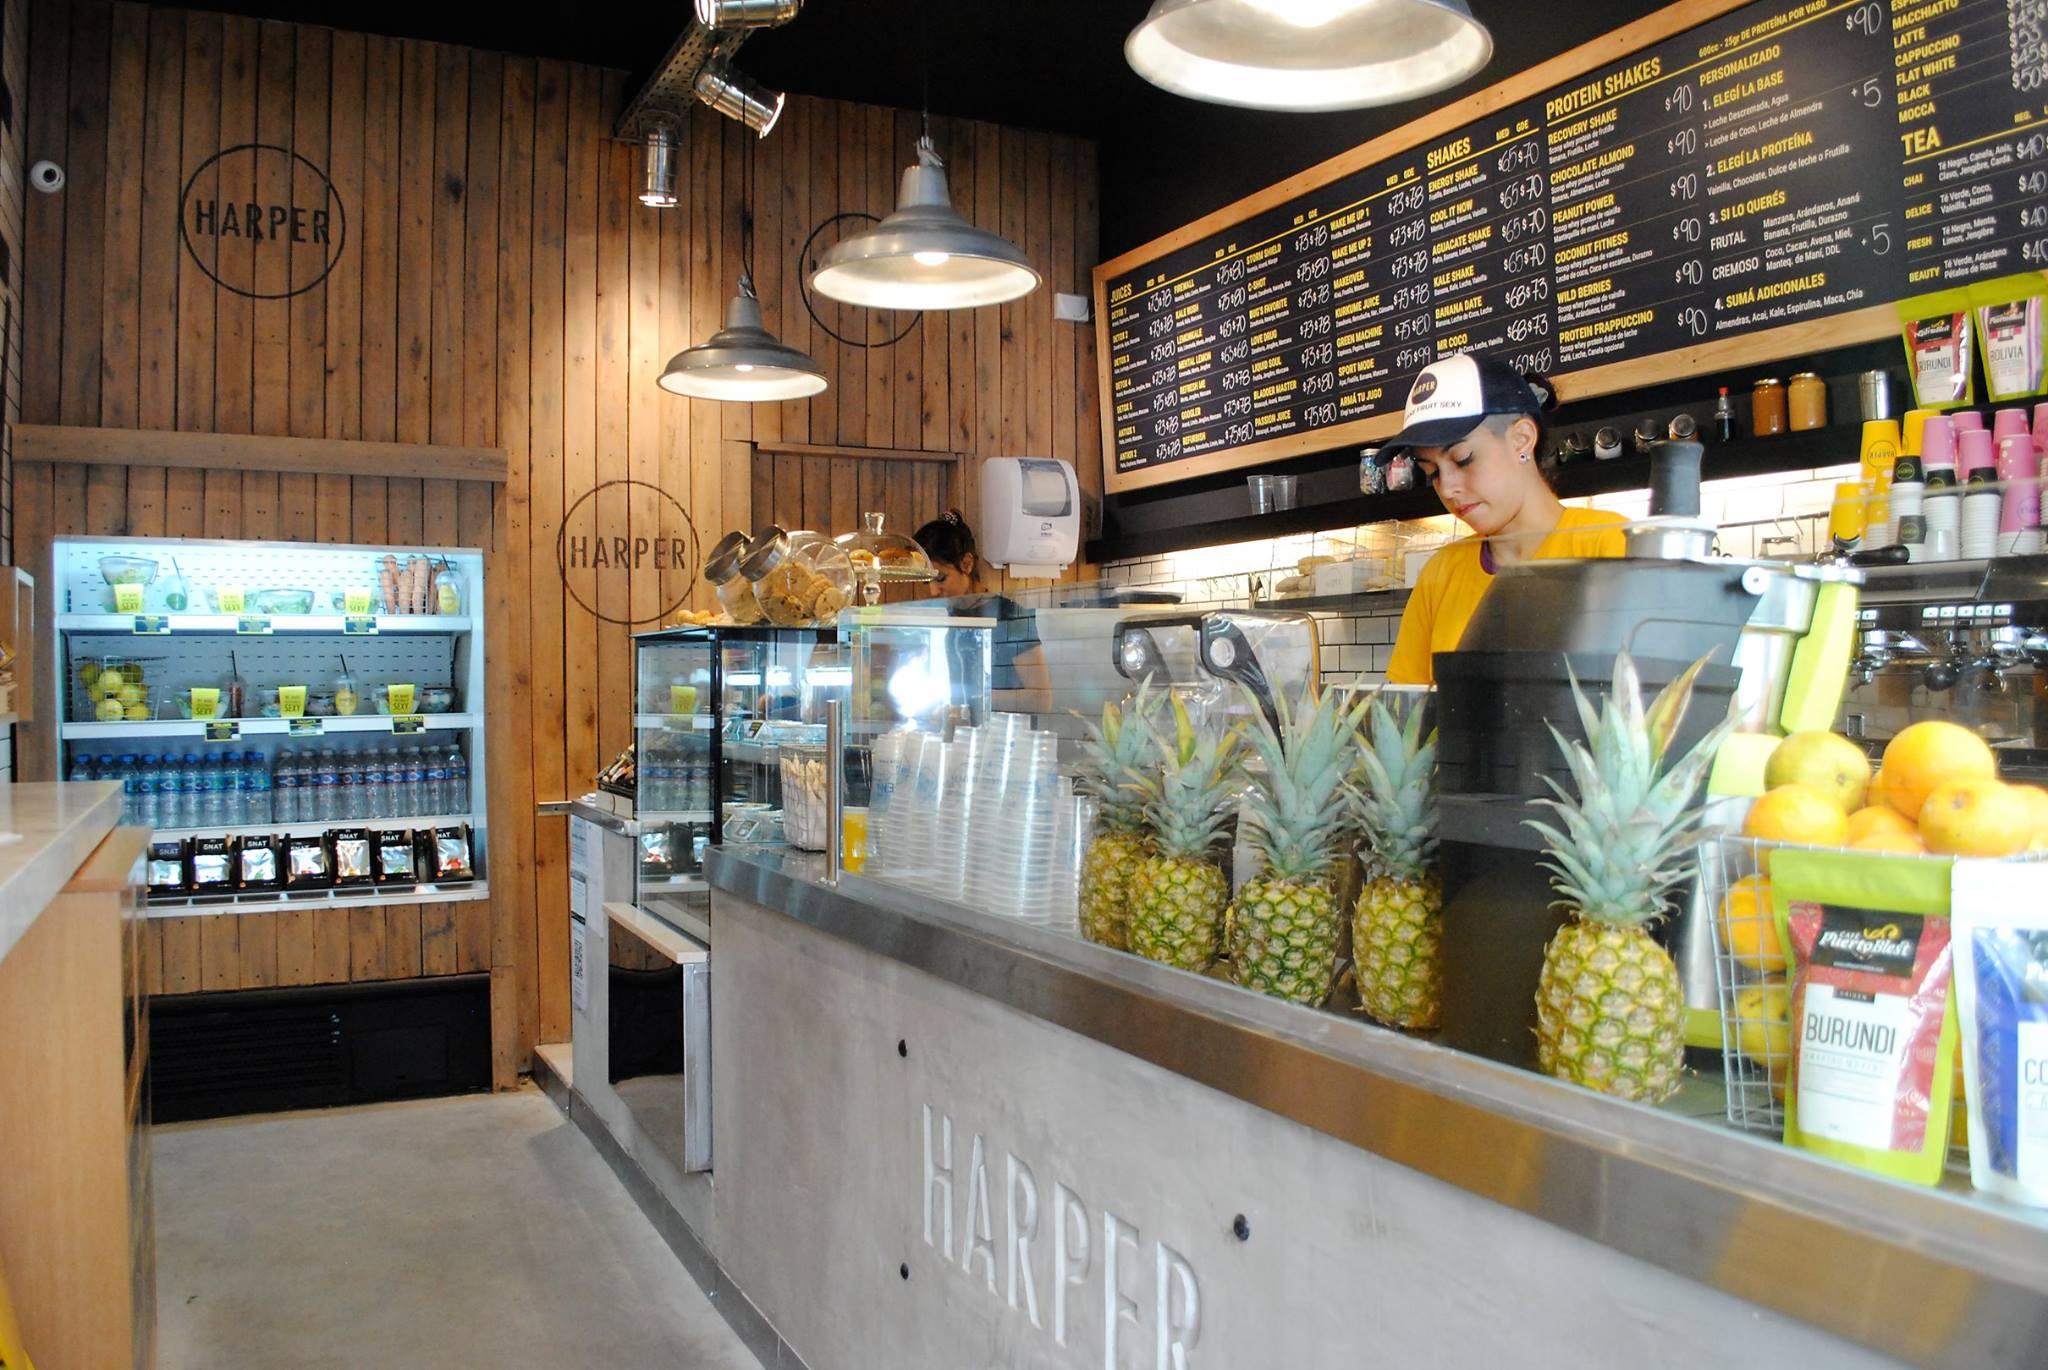 Top los mejores jugos en buenos aires 2017 for 788 food bar recoleta